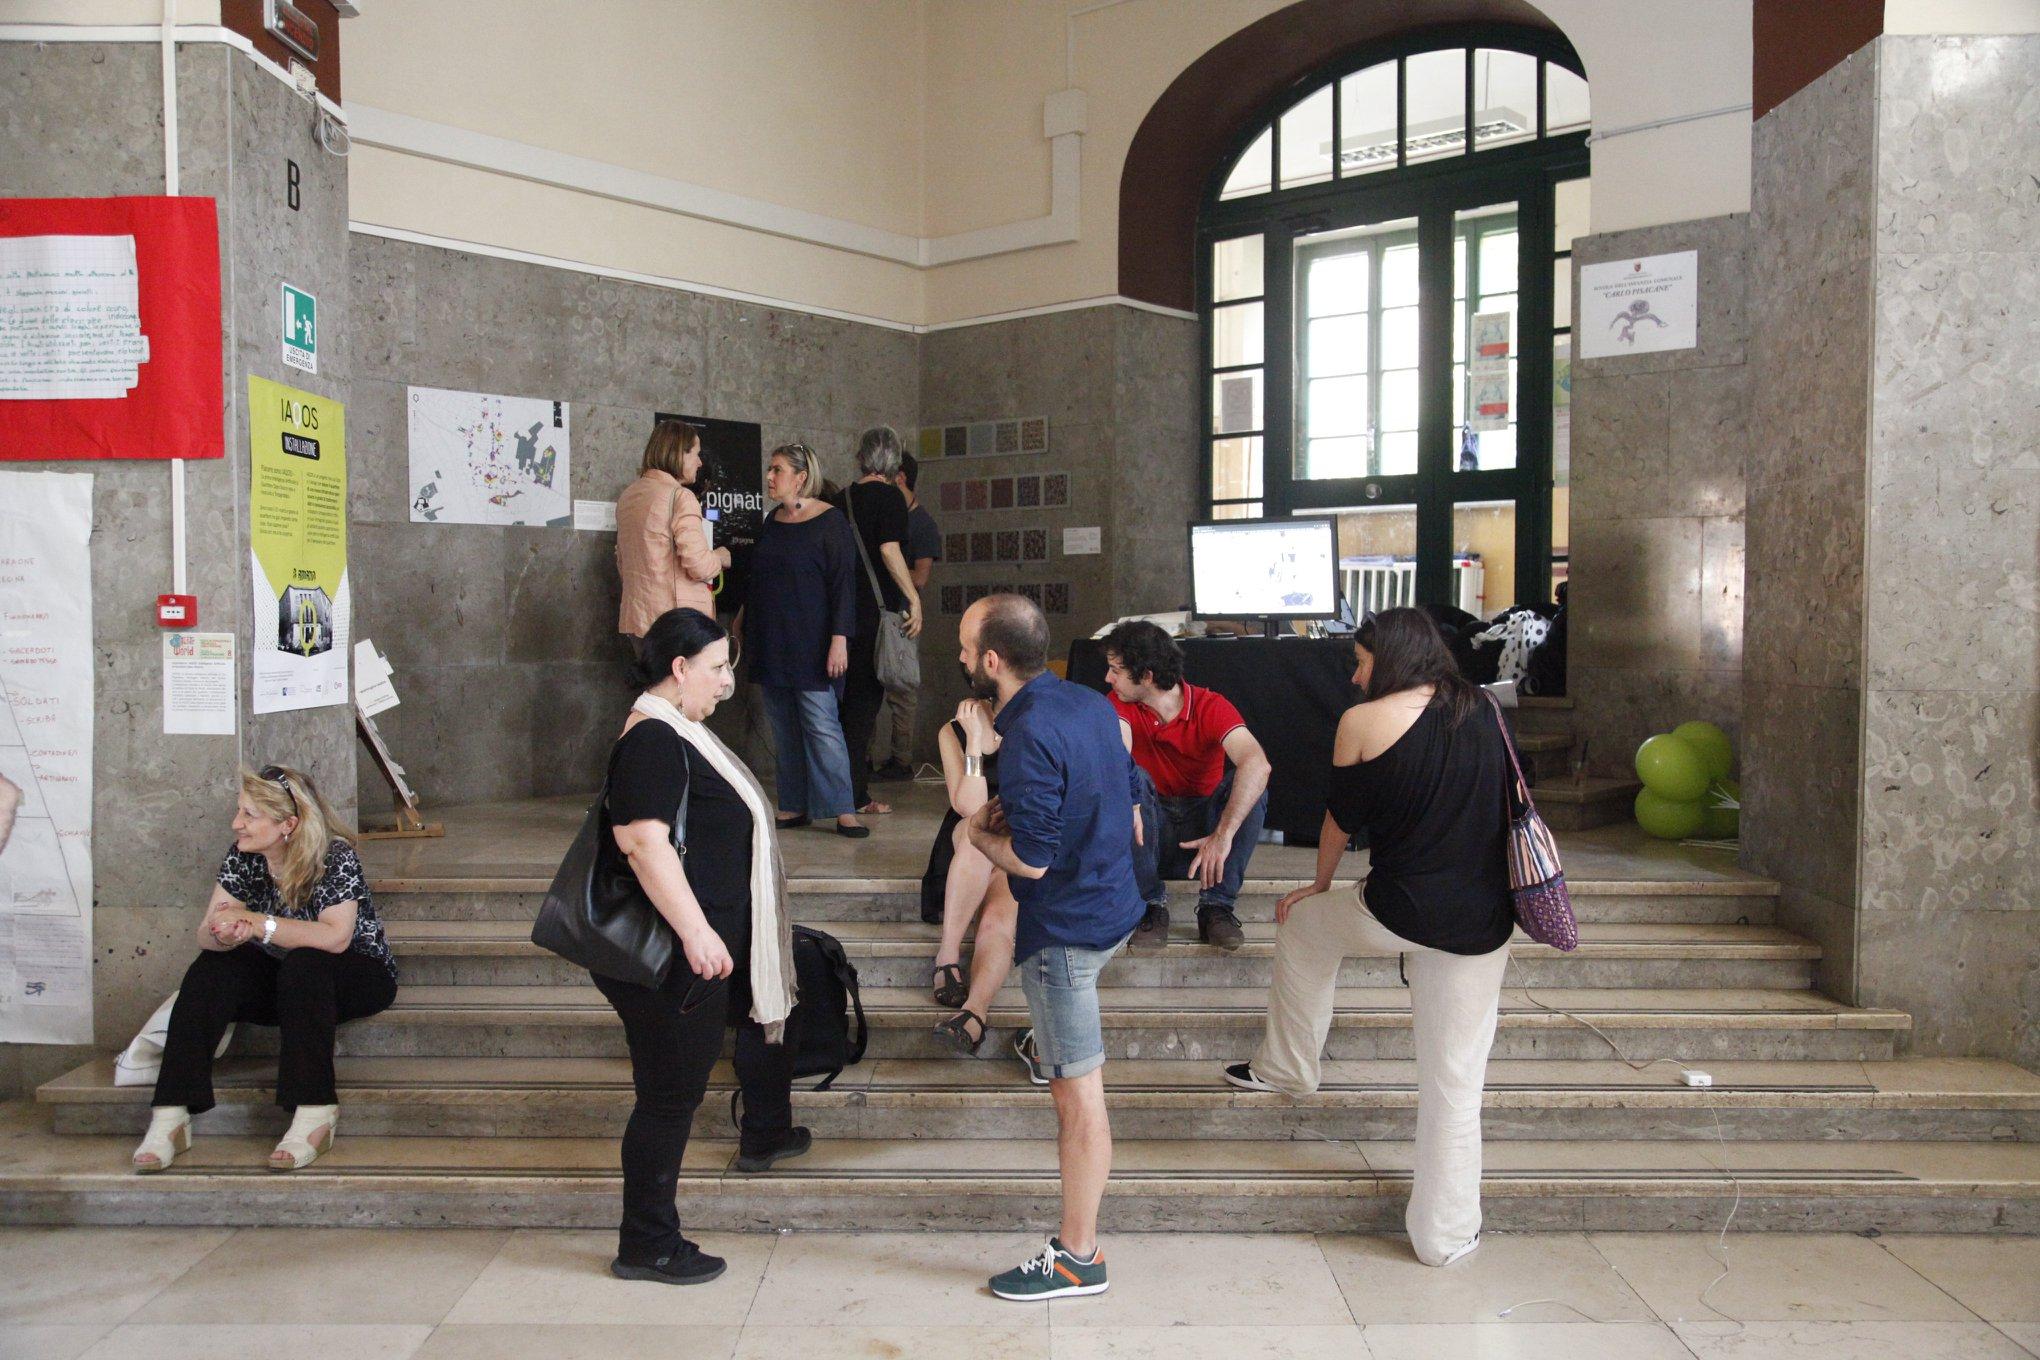 le installazioni interattive a Taste de World alla scuola Pisacane